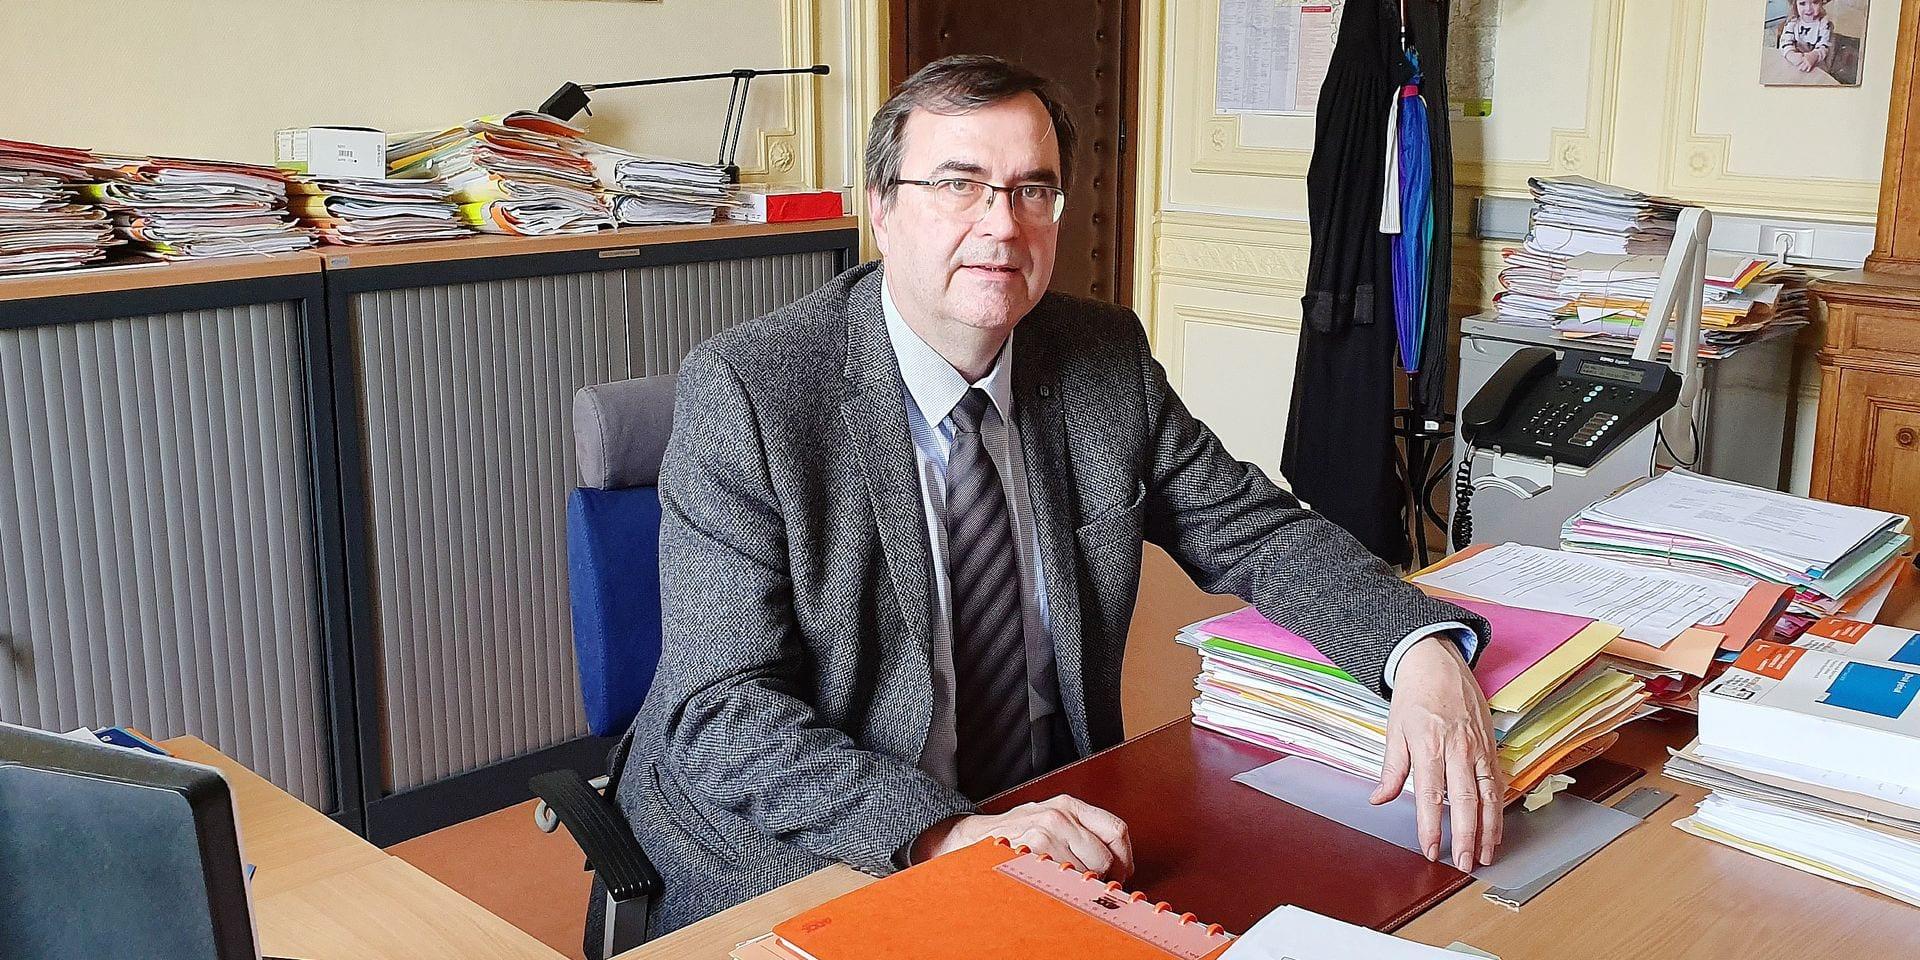 Tournai : Proximité, la vision du Procureur Delhaye